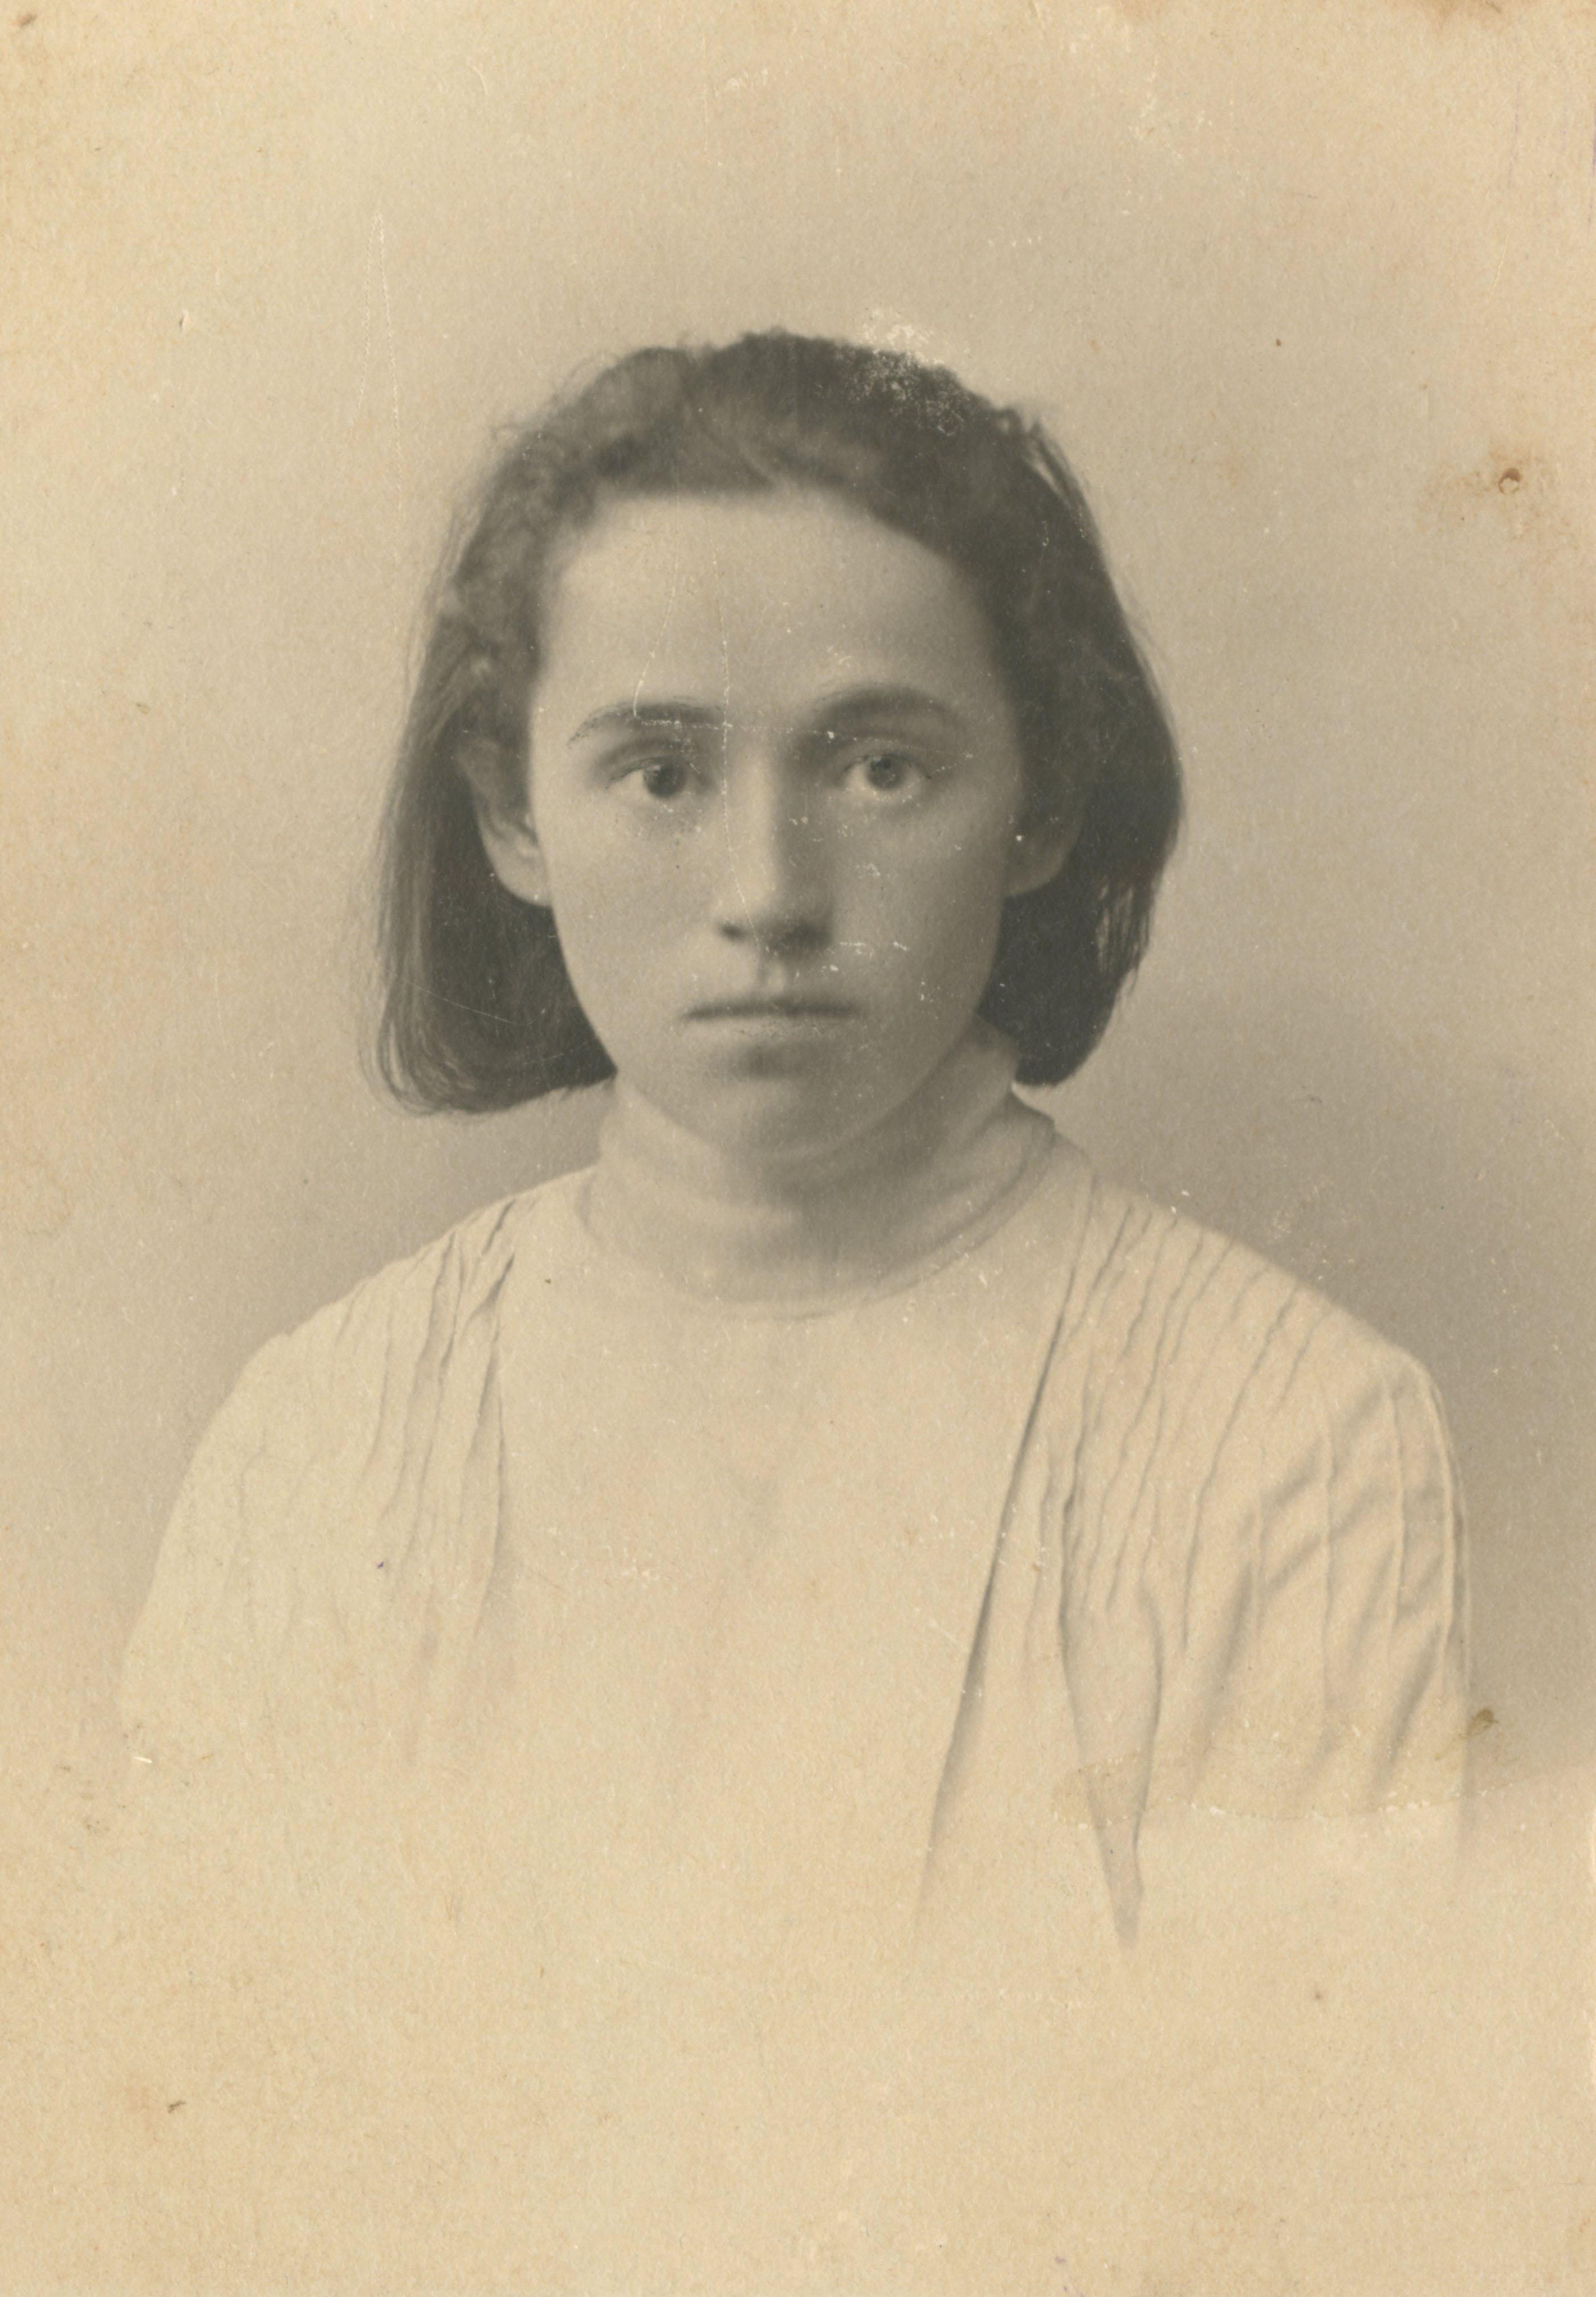 Муравина-Дмитриева Цива Моисеевна, активная участница революции 1905 г. в Самаре, примыкала к меньшевикам